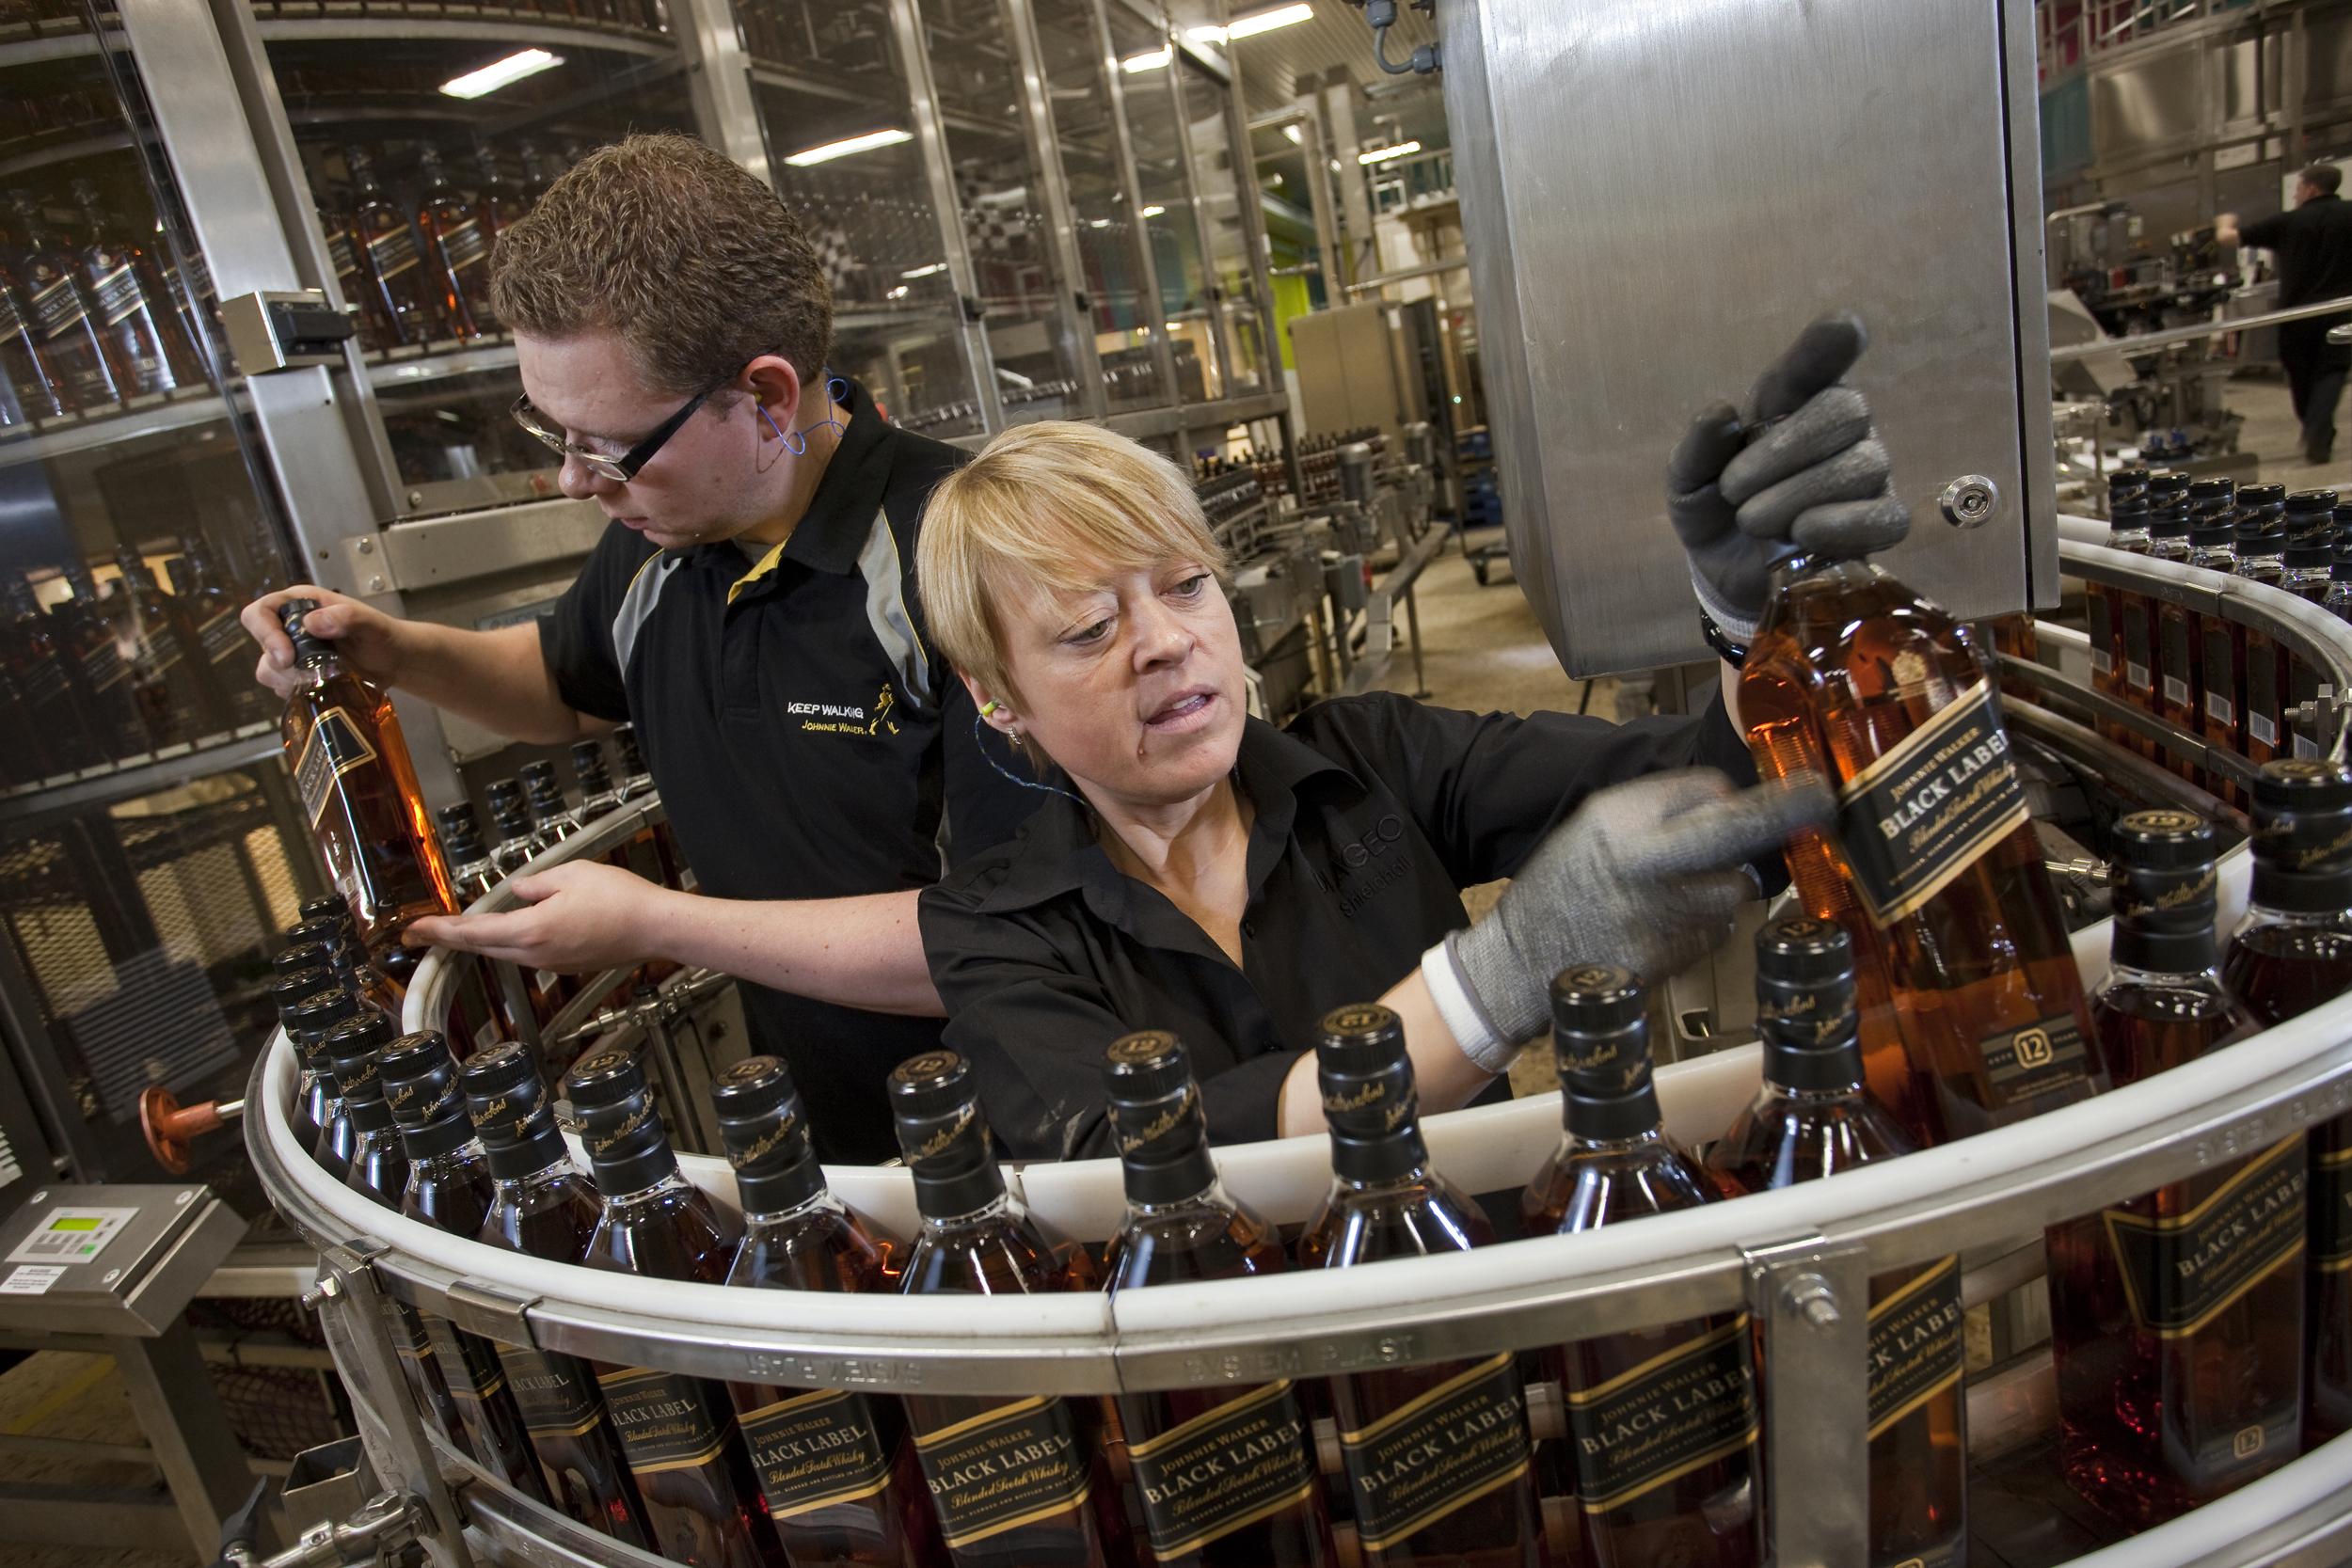 Workers on the Johnnie Walker Black Label bottling line.